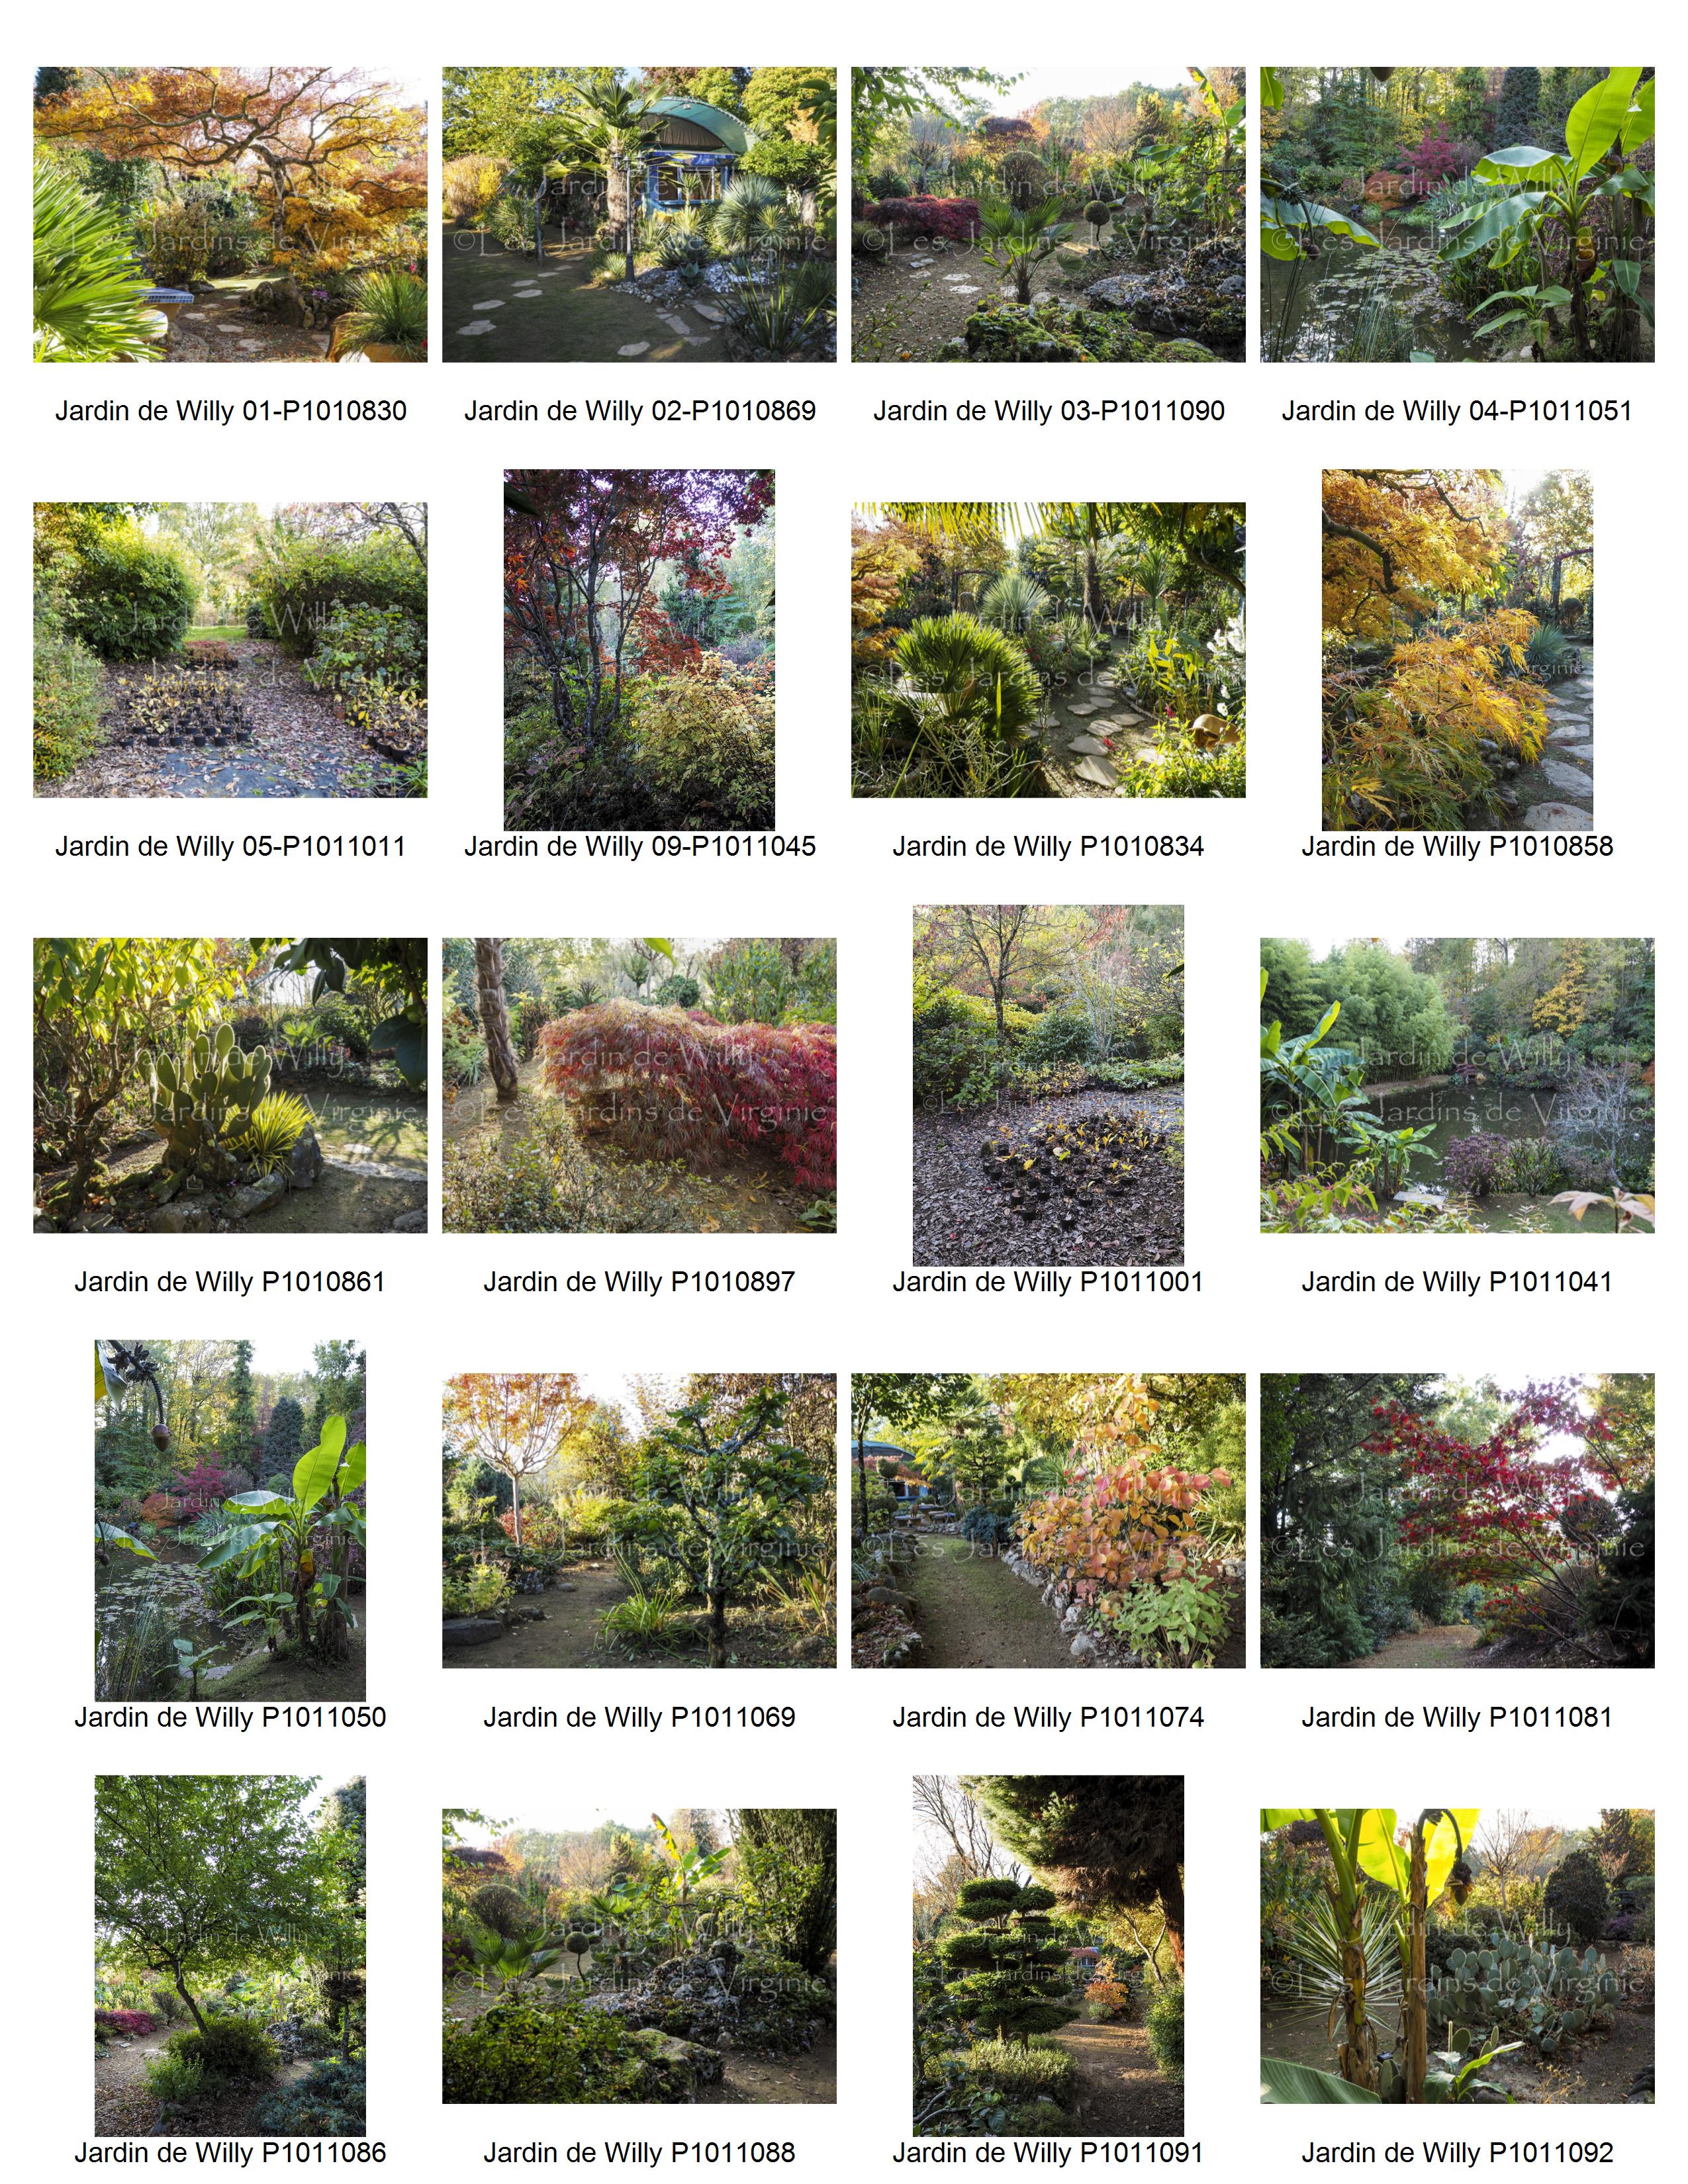 Jardin de Willy P1